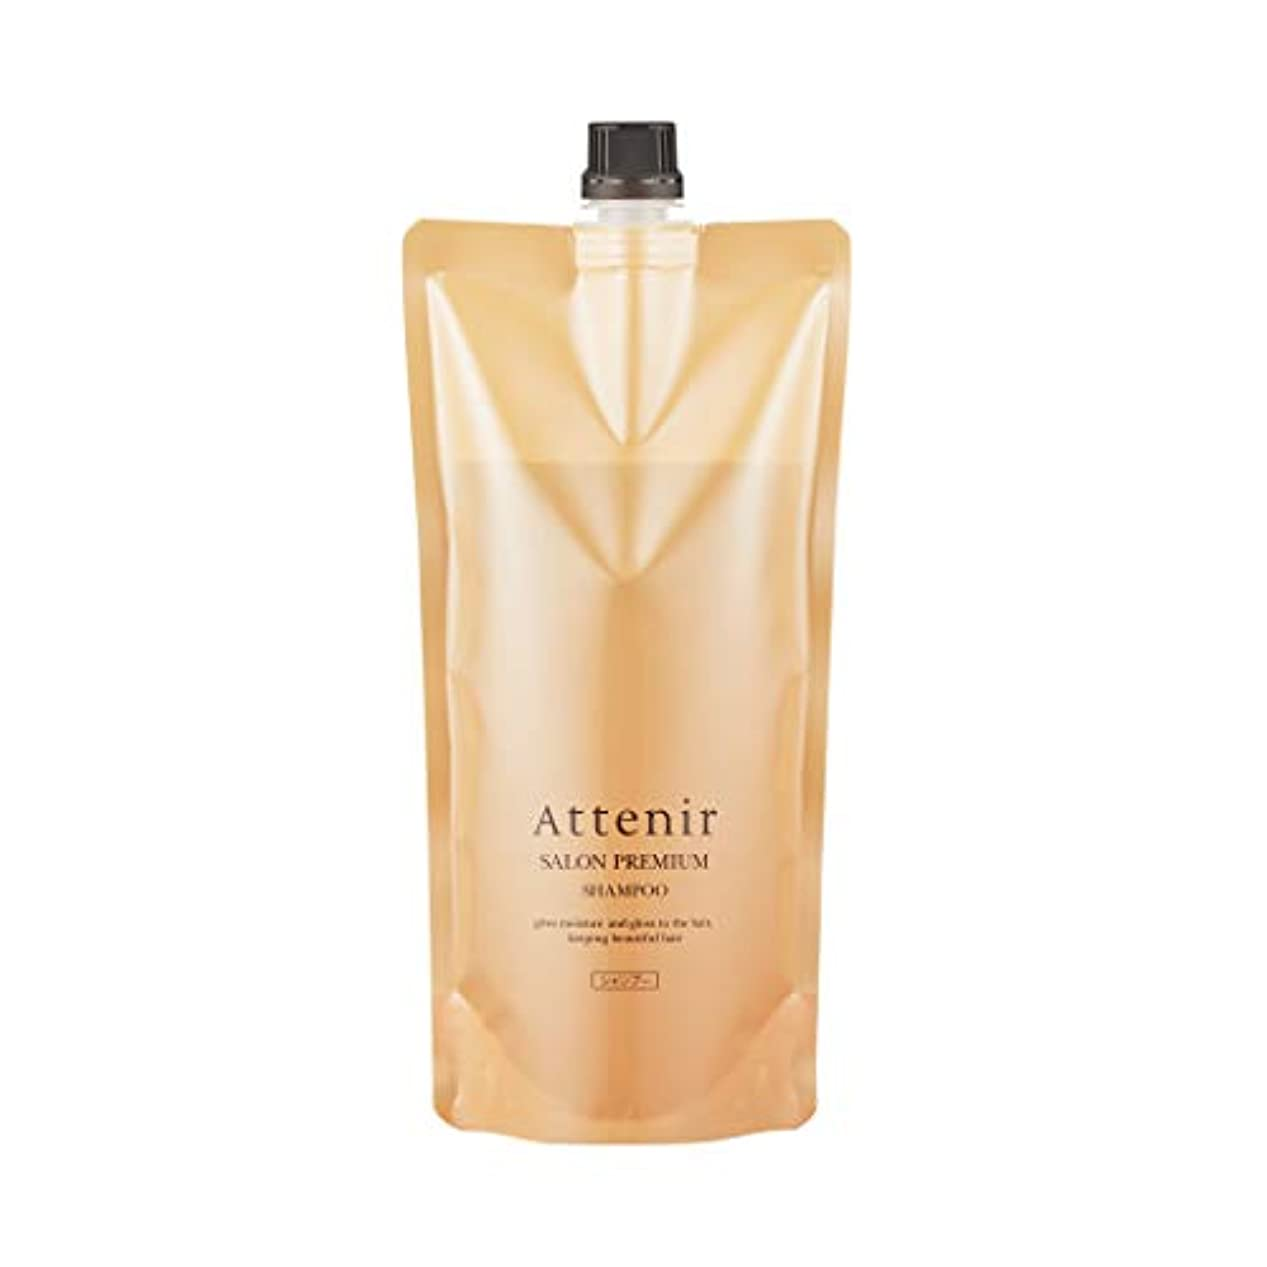 わがままやがてクラッチアテニア サロンプレミアム シャンプー グランフローラルの香り レフィル <詰替用> 500ml 毛髪補強成分配合